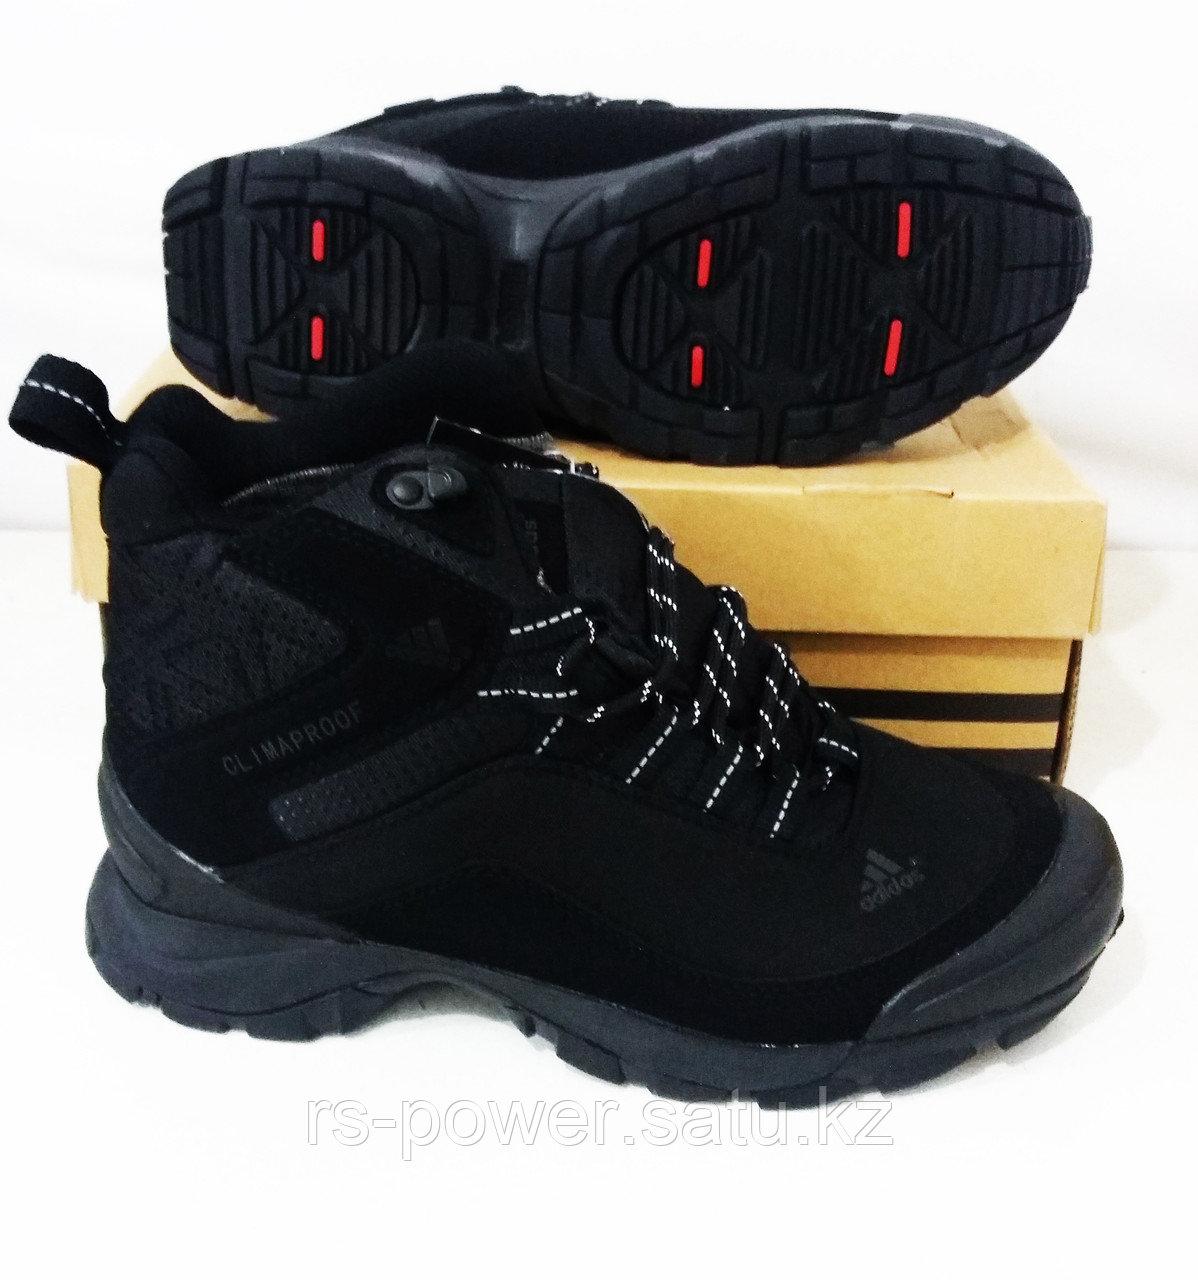 Зимние кроссовки Adidas (тэрмо)